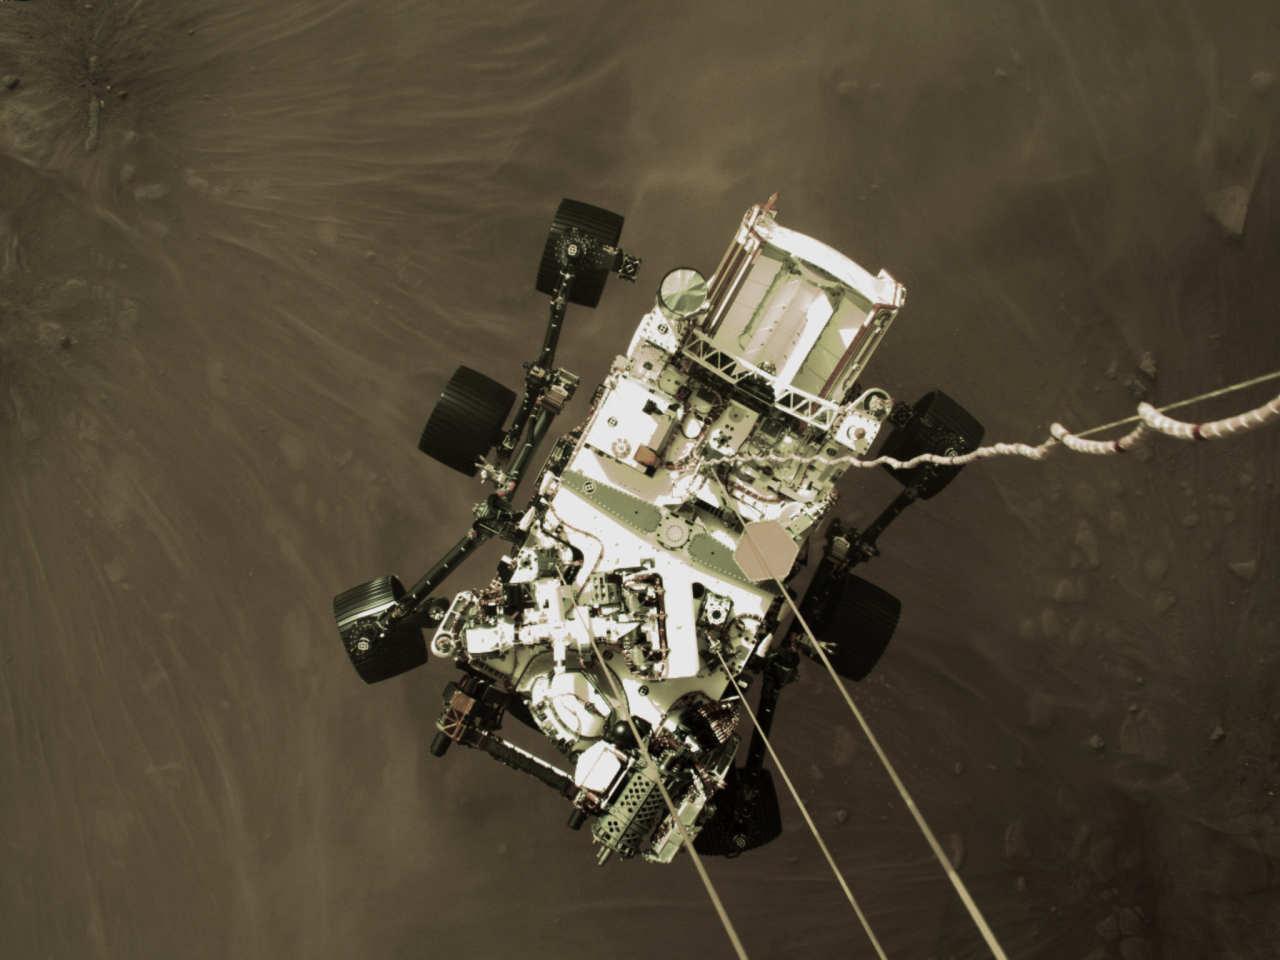 Momento in cui il rover sta per toccare il suolo marziano